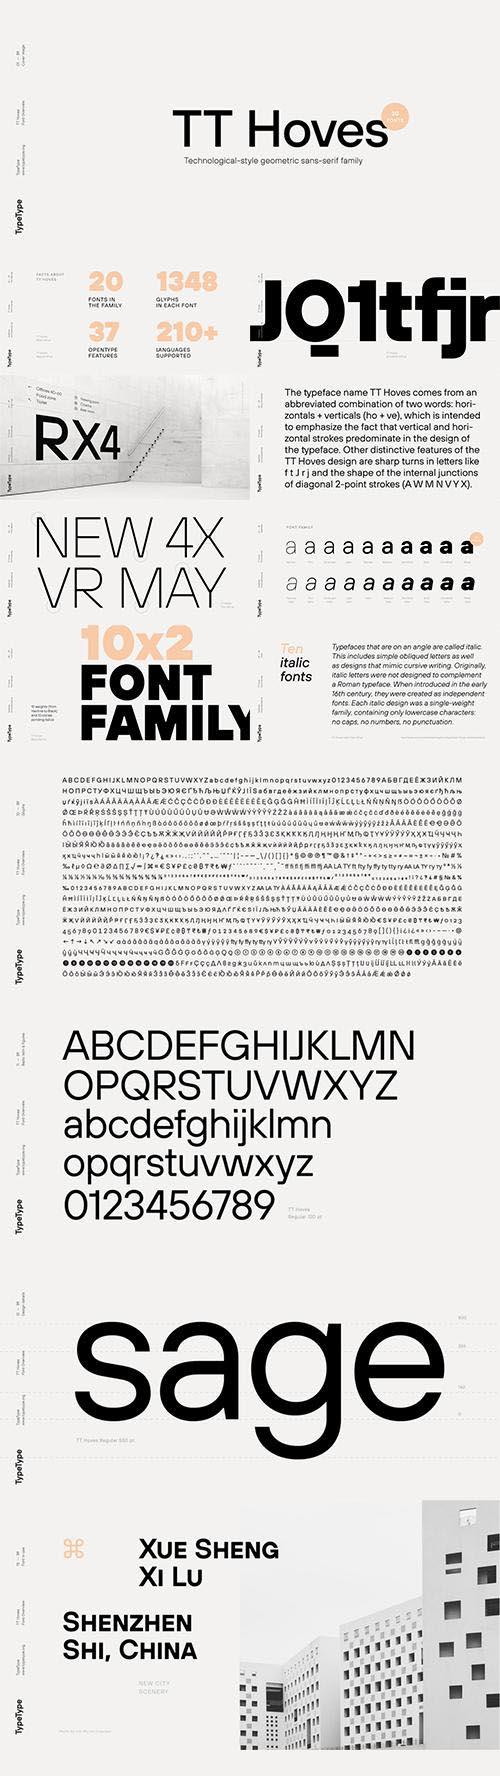 TT Hoves font family